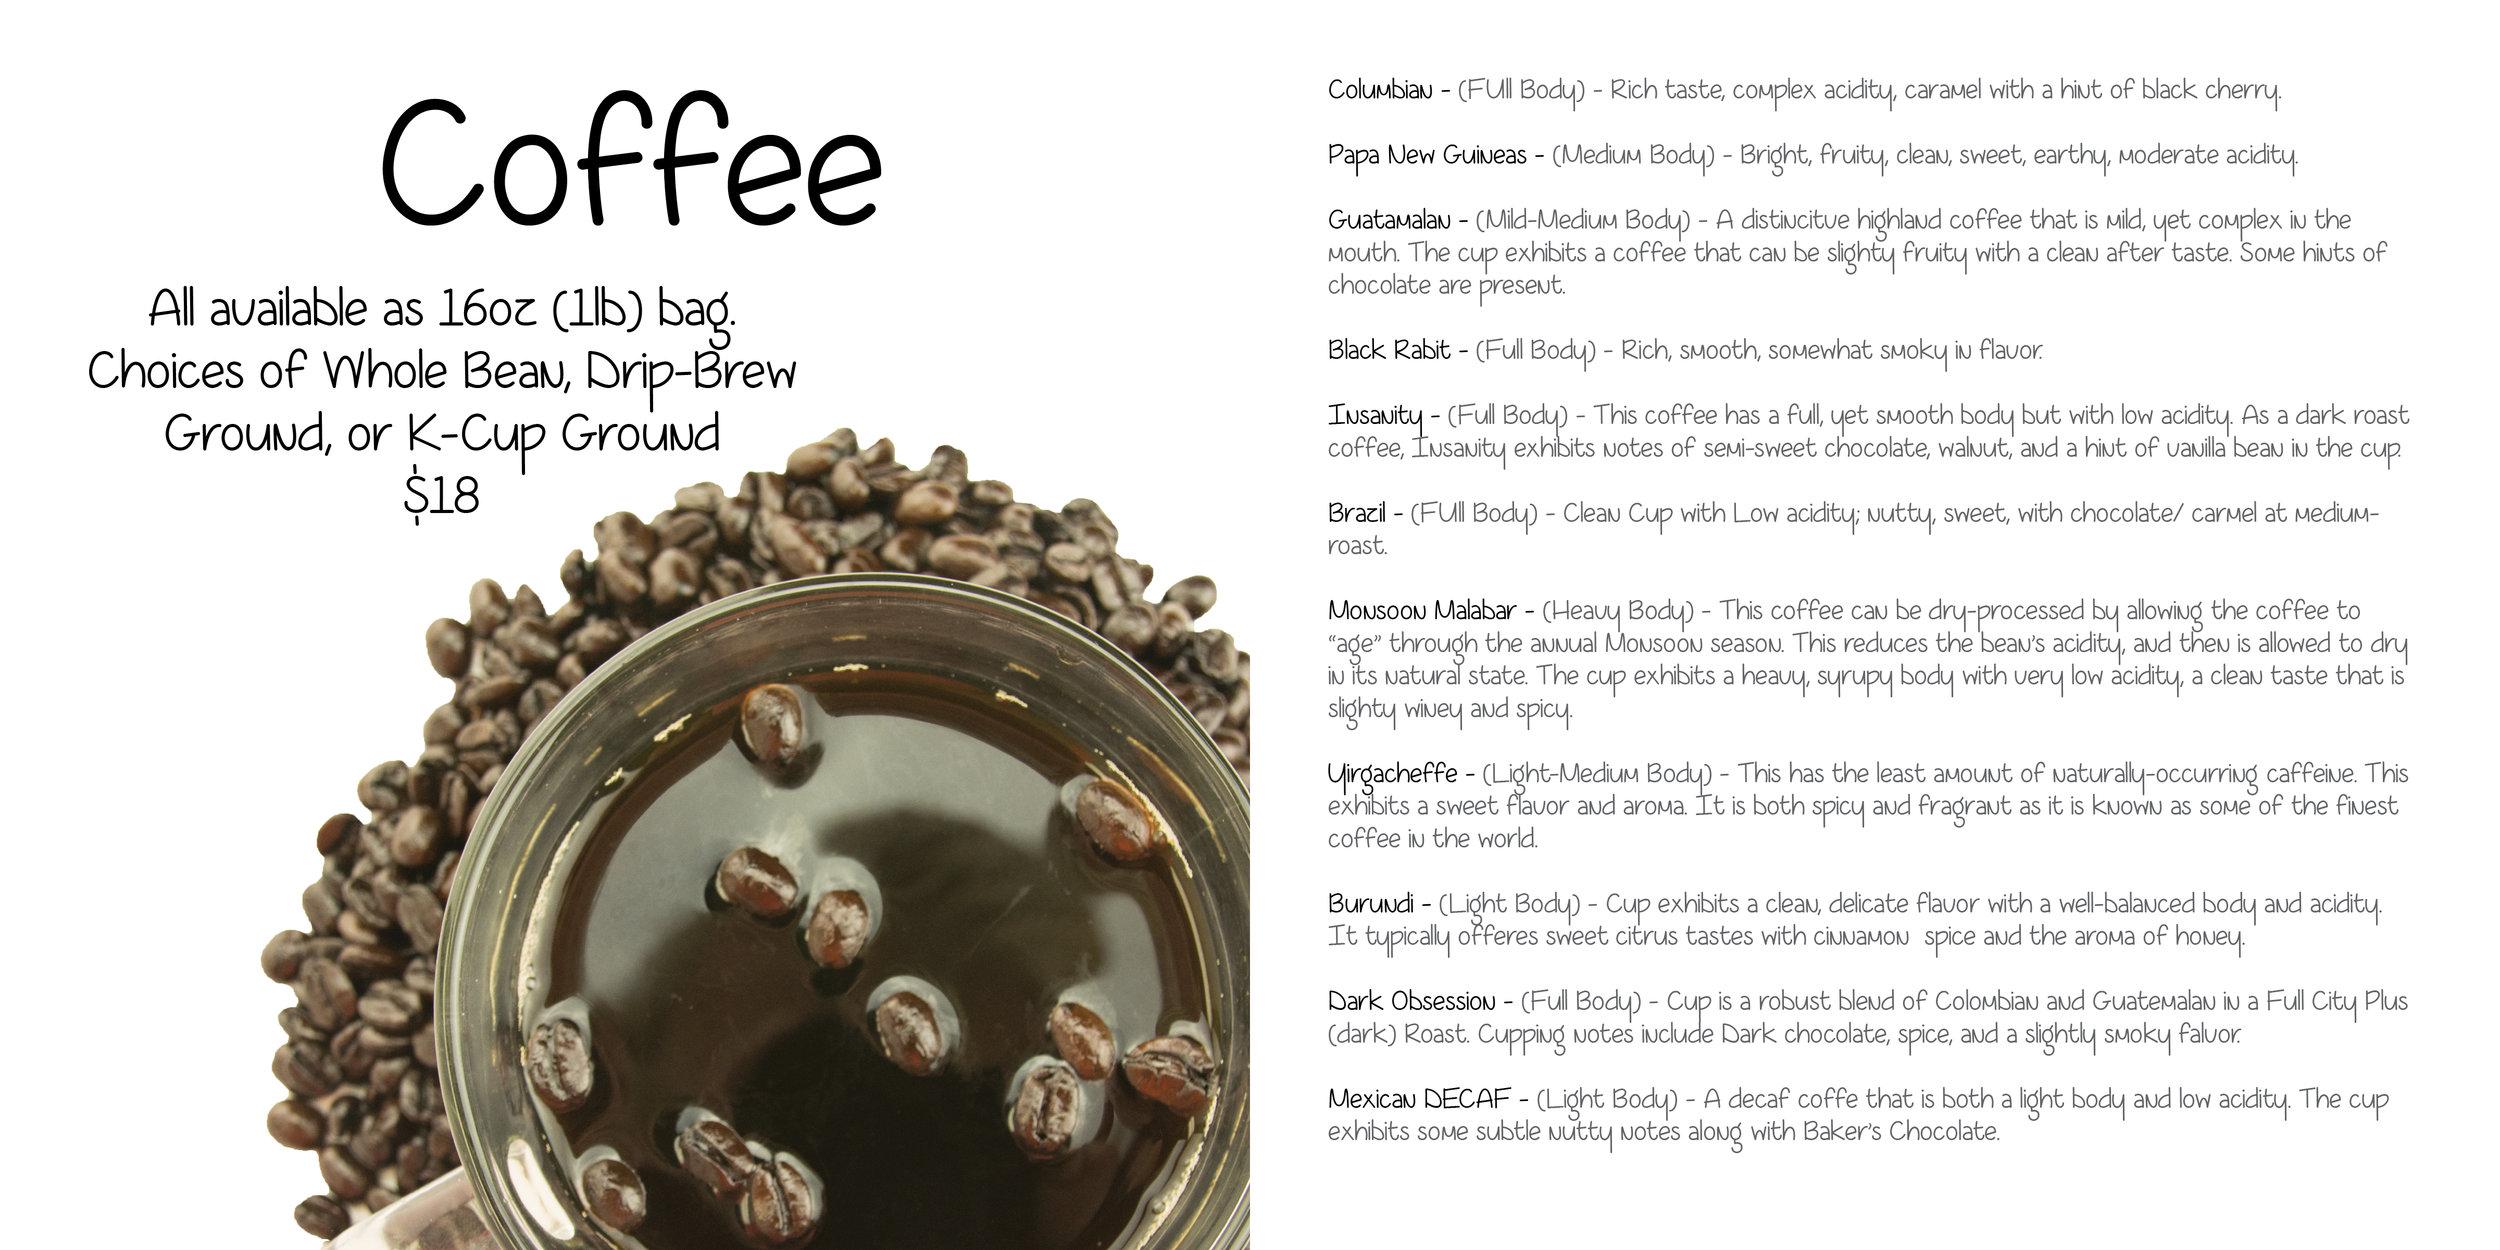 Springer_CoffeeCatalog3.jpg